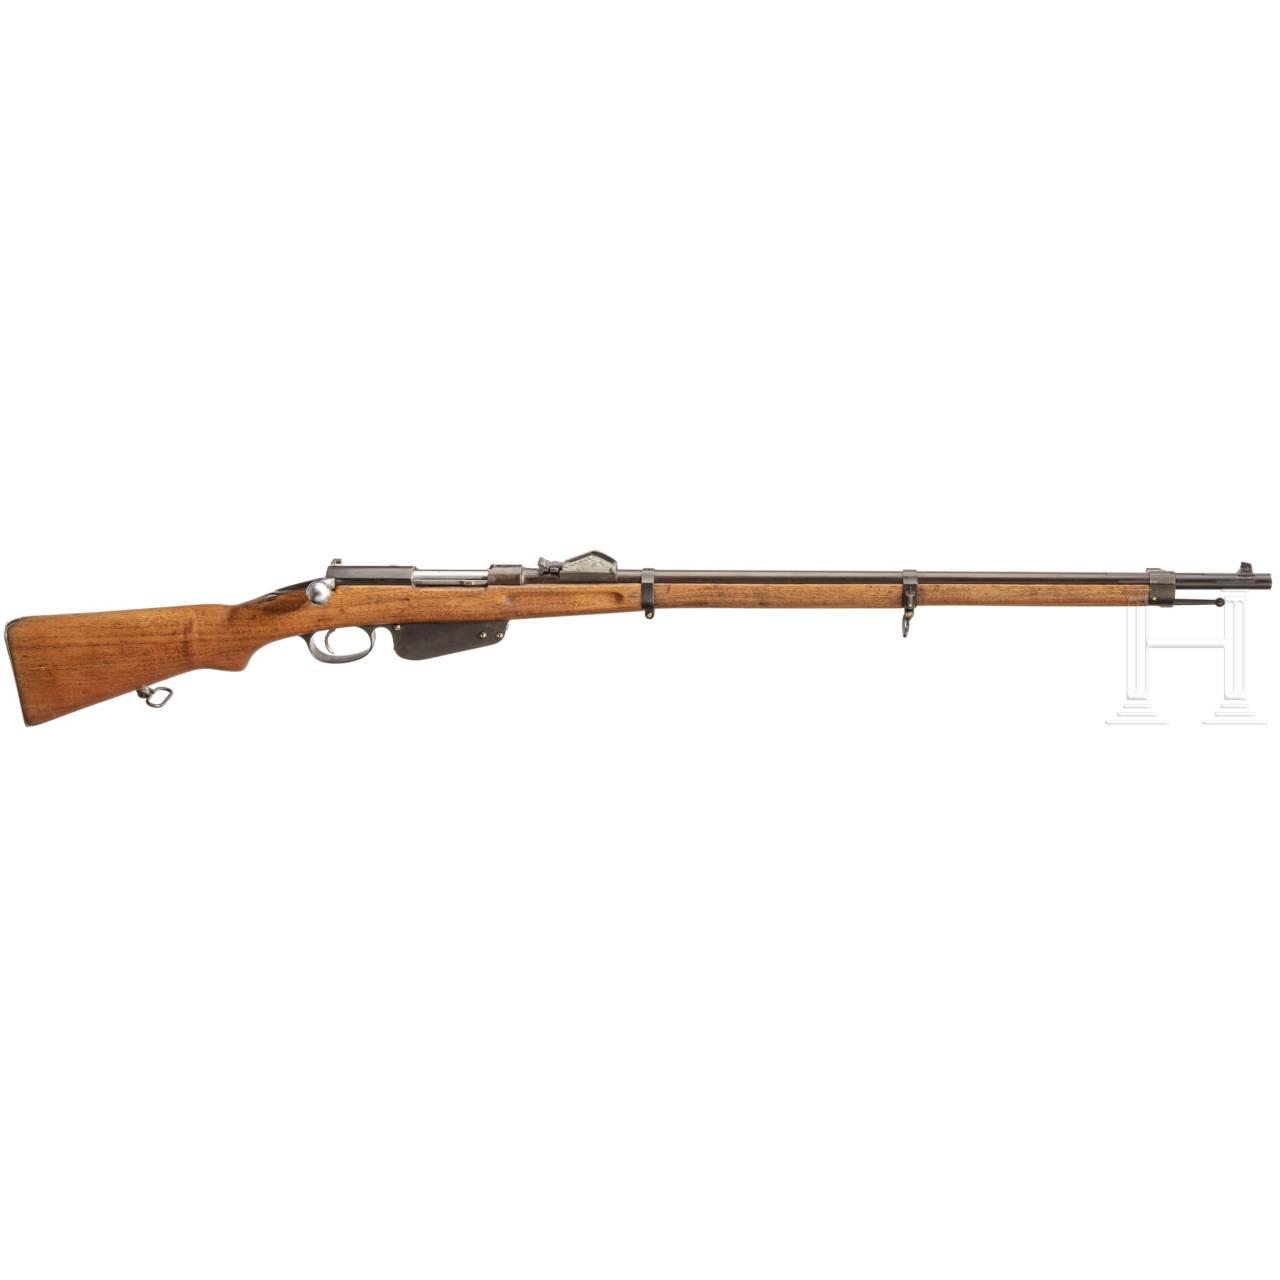 Gewehr M 1890 Mannlicher, OEWG Steyr